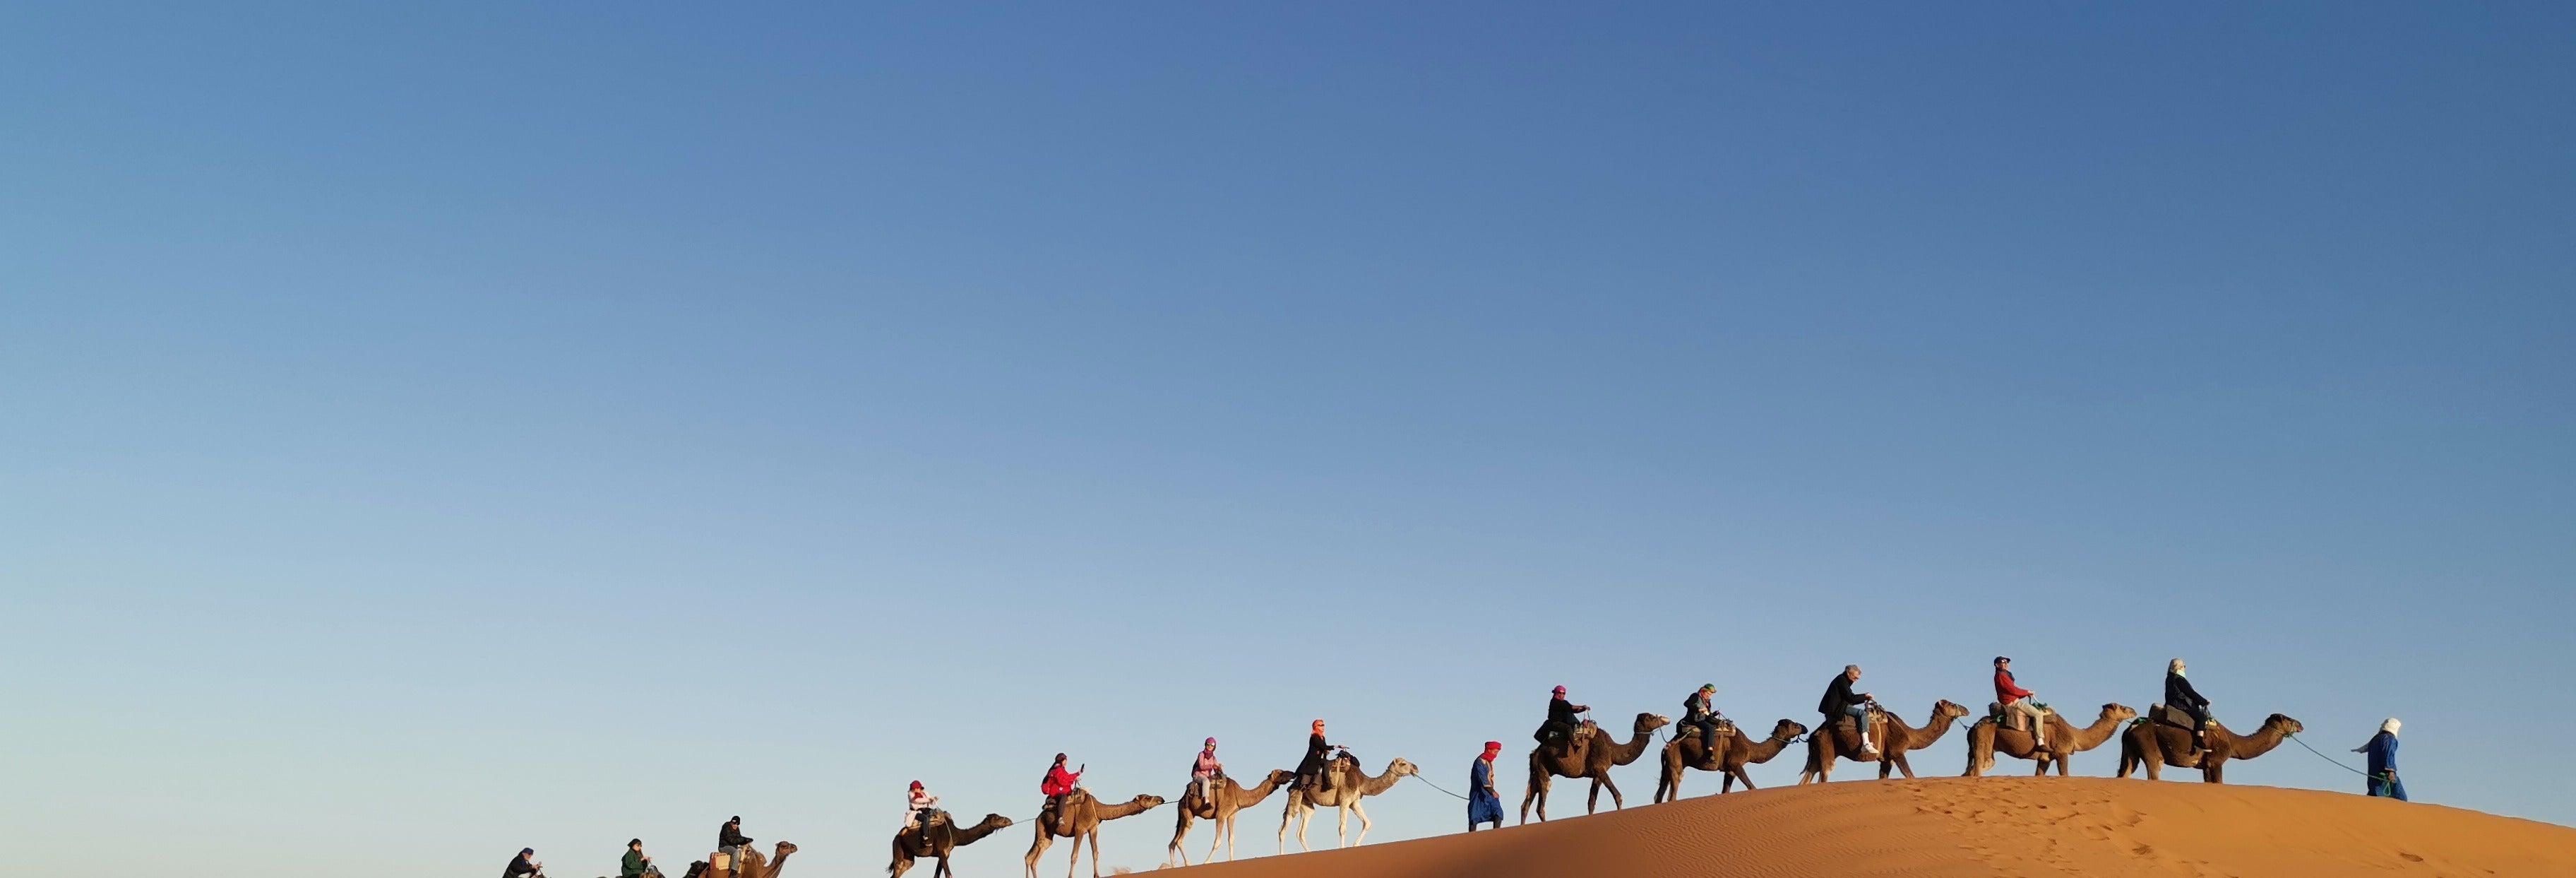 4 días a Merzouga finalizando en Marrakech